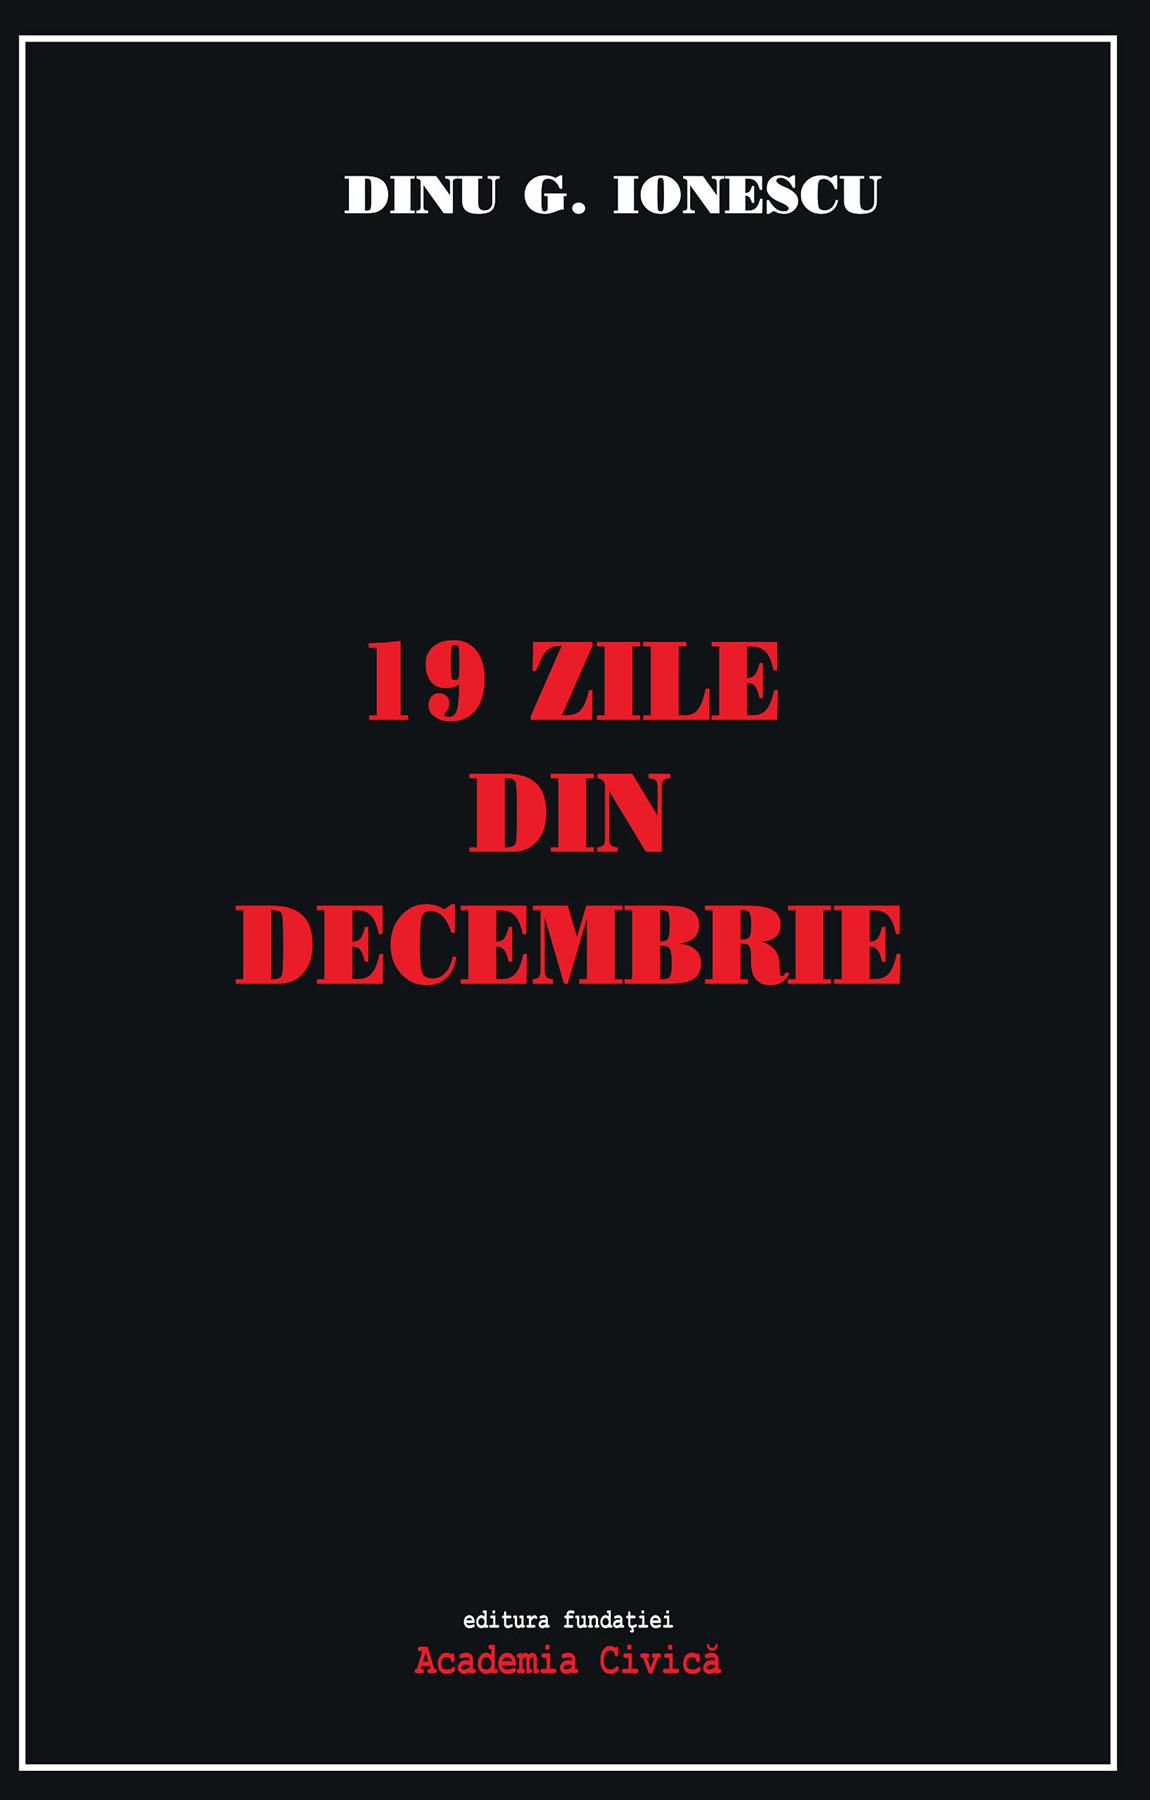 19 zile din decembrie | Dinu G. Ionescu